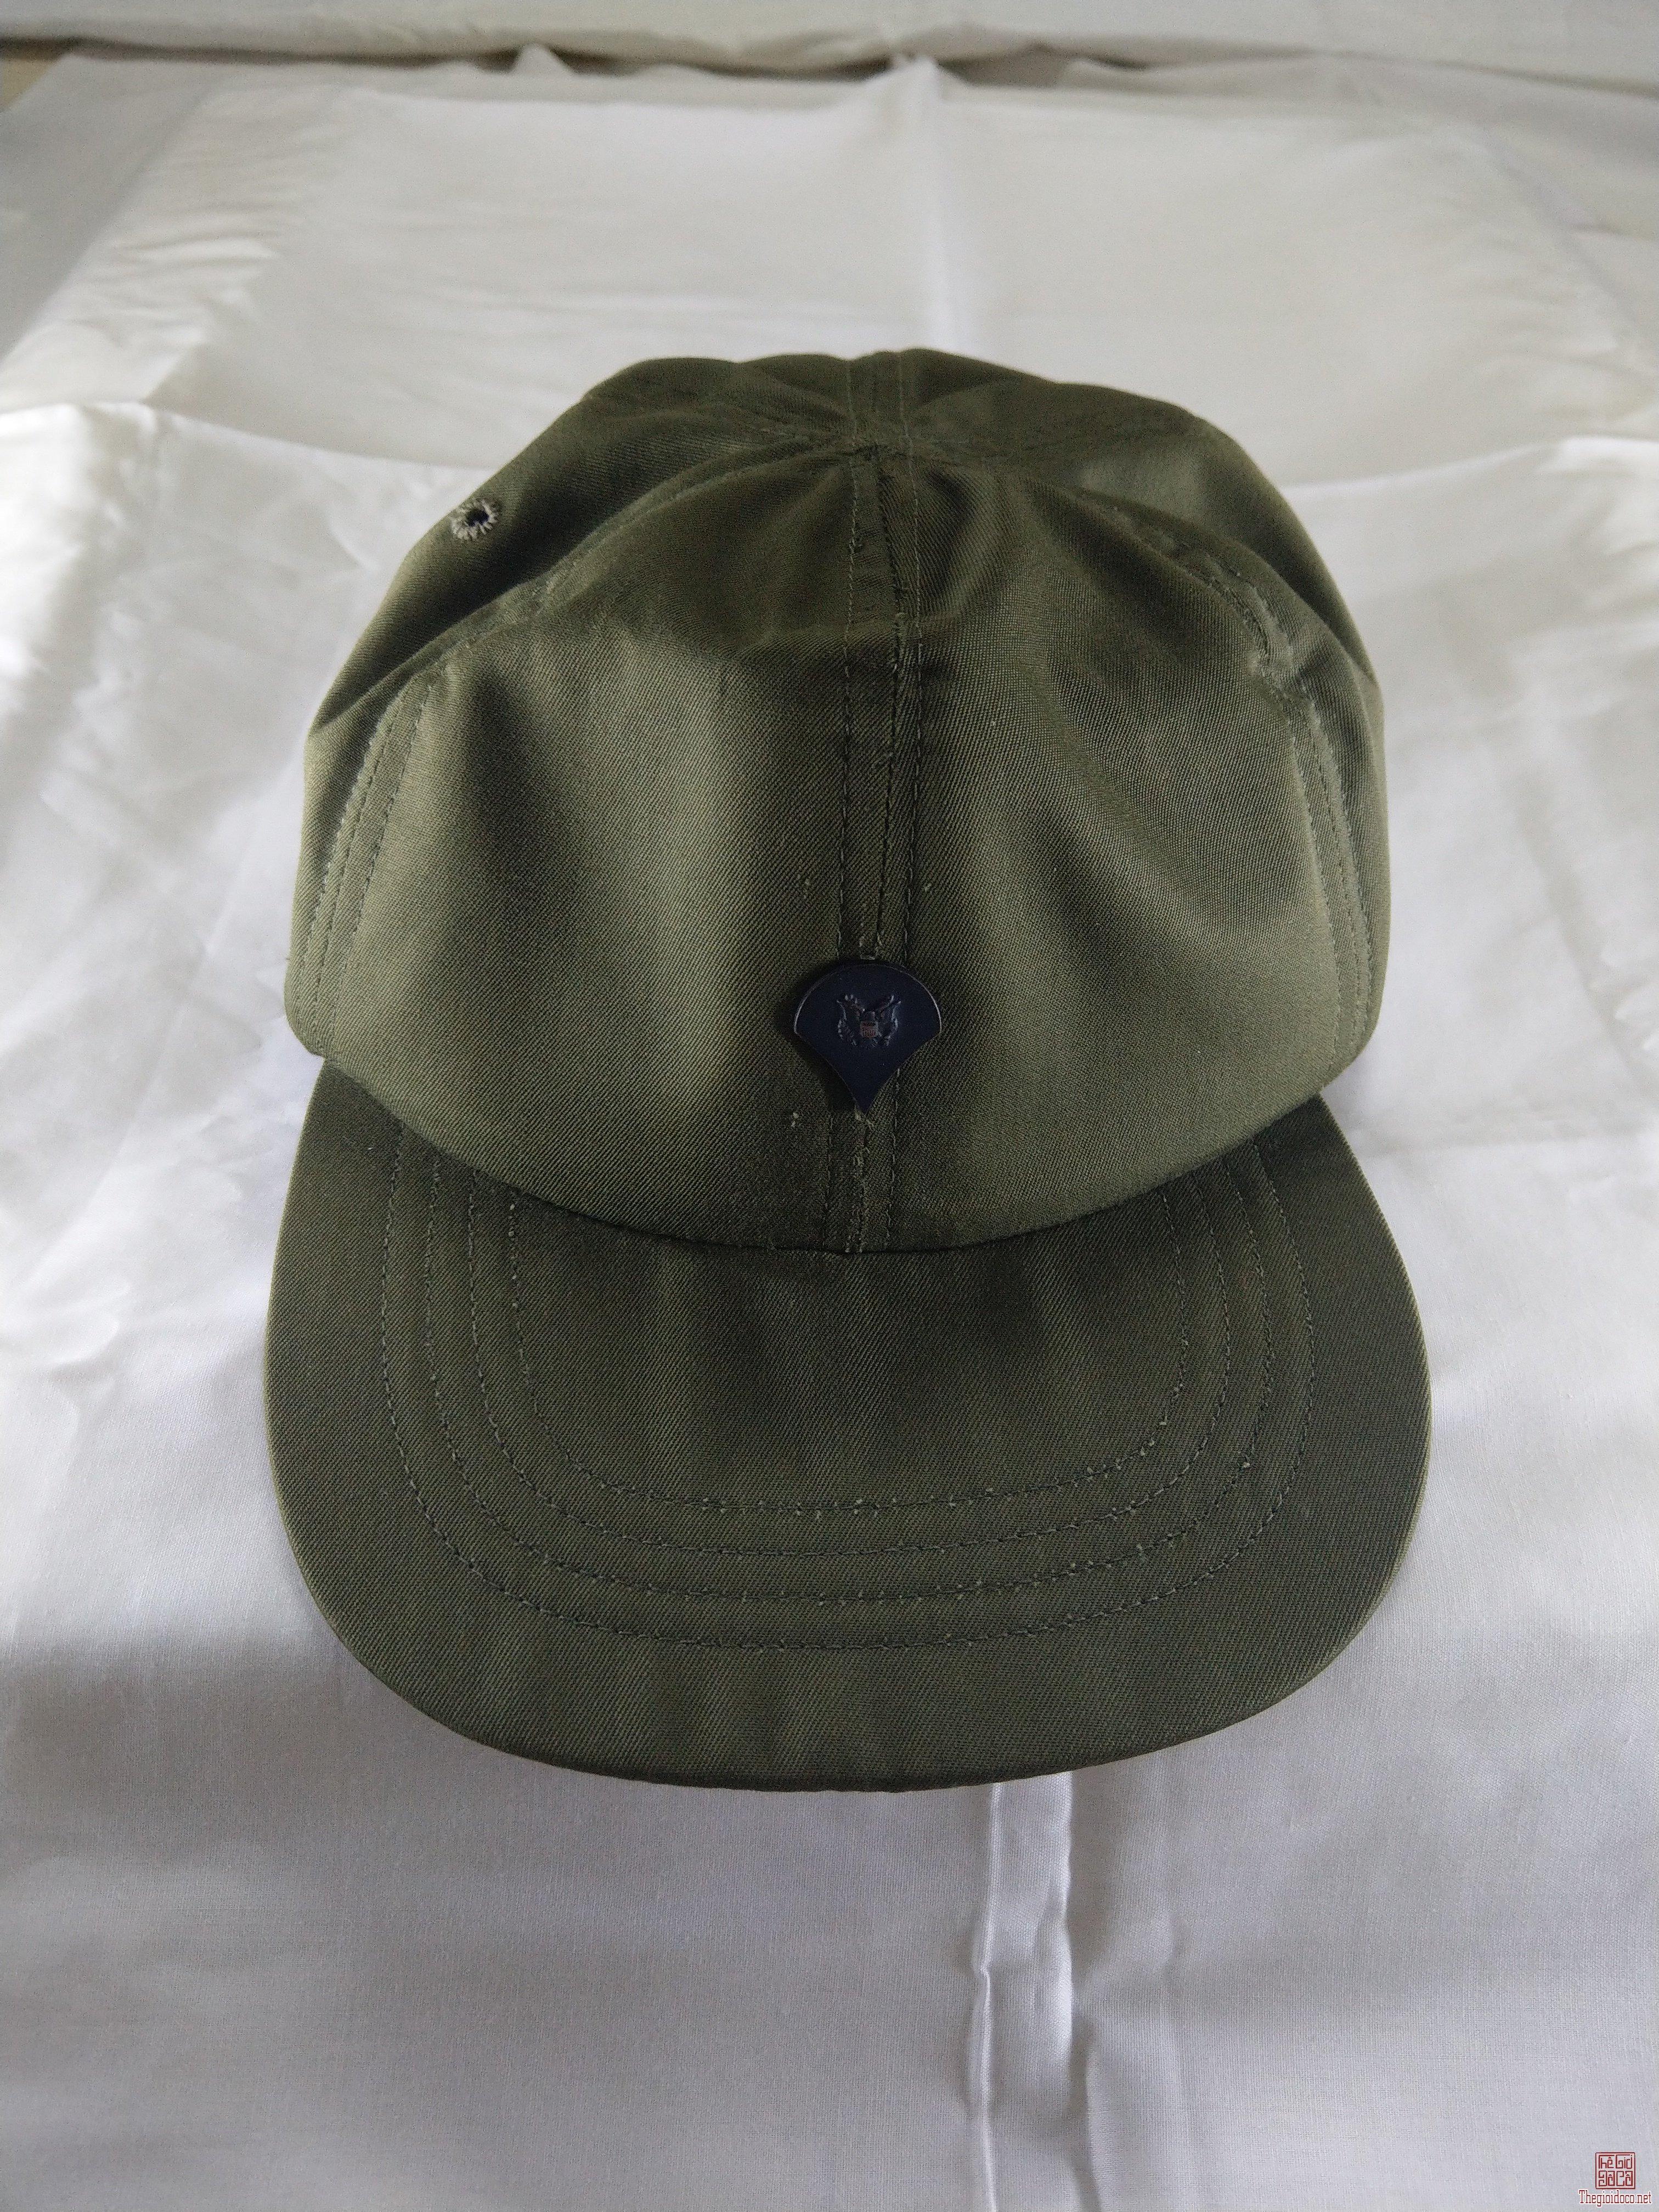 Giao lưu mũ 6 múi USA hàng xưa, giá tốt cho a e chơi đồ lính.